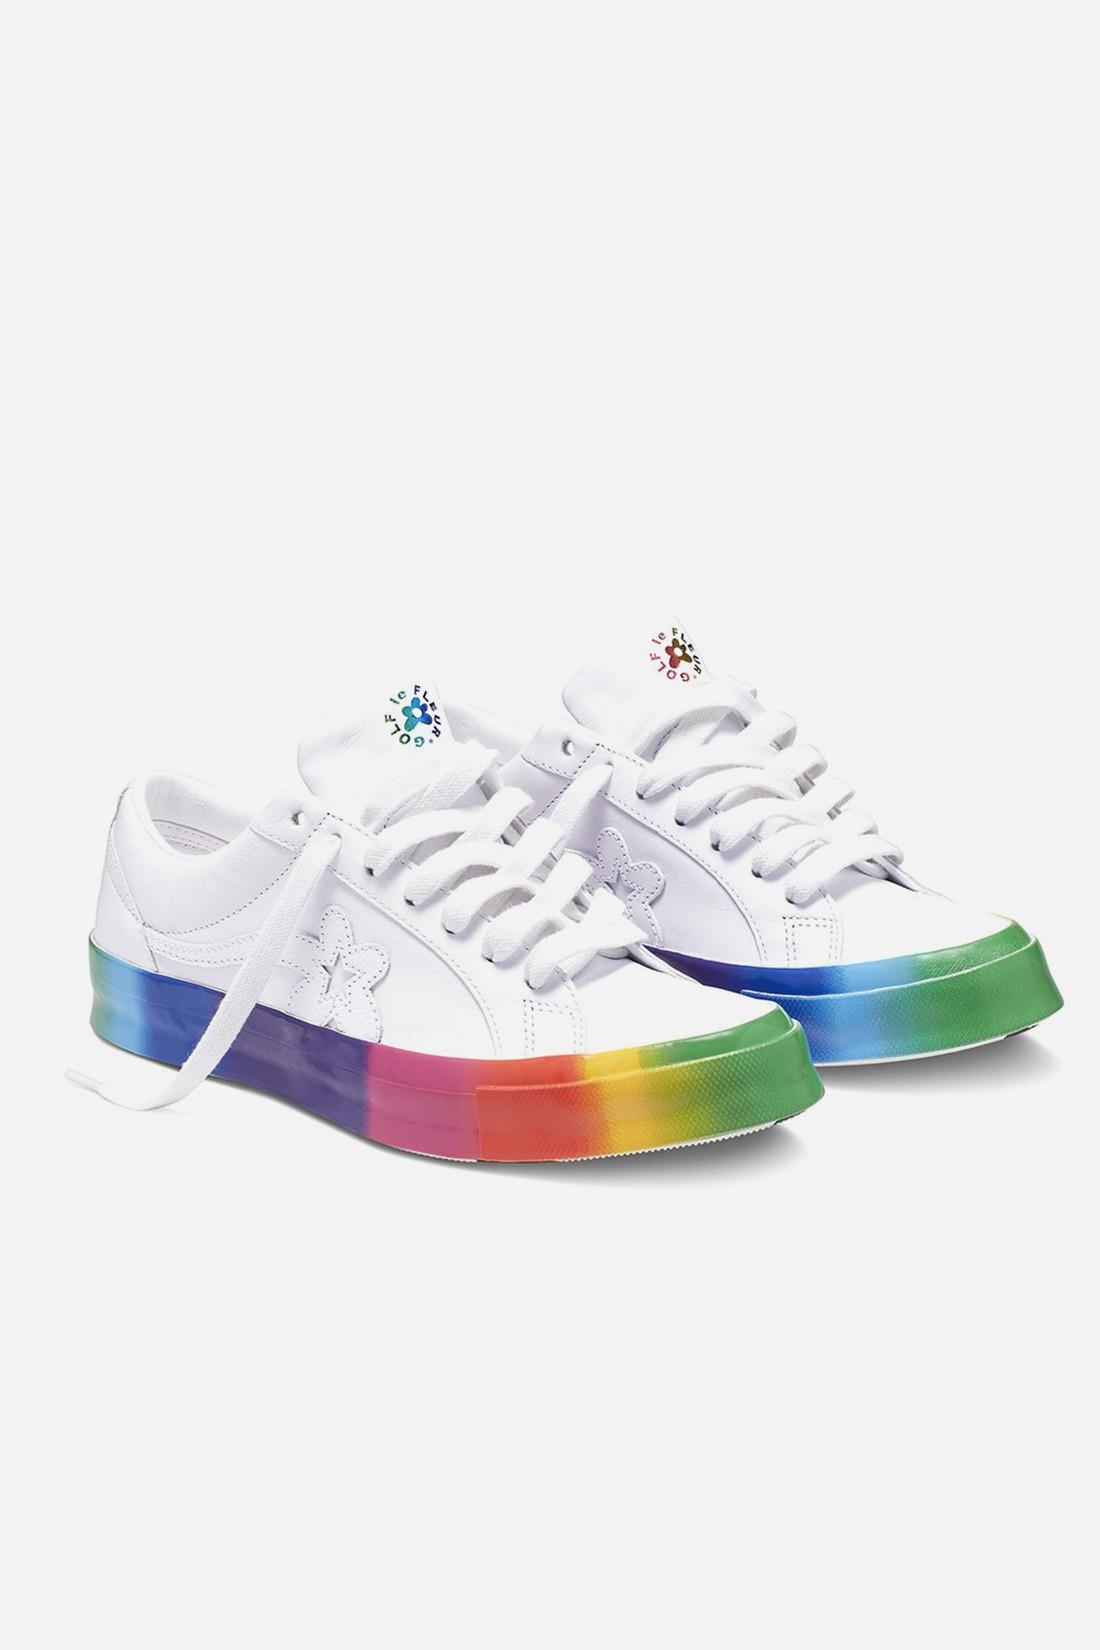 CONVERSE / Golf le fleur x converse Rainbow